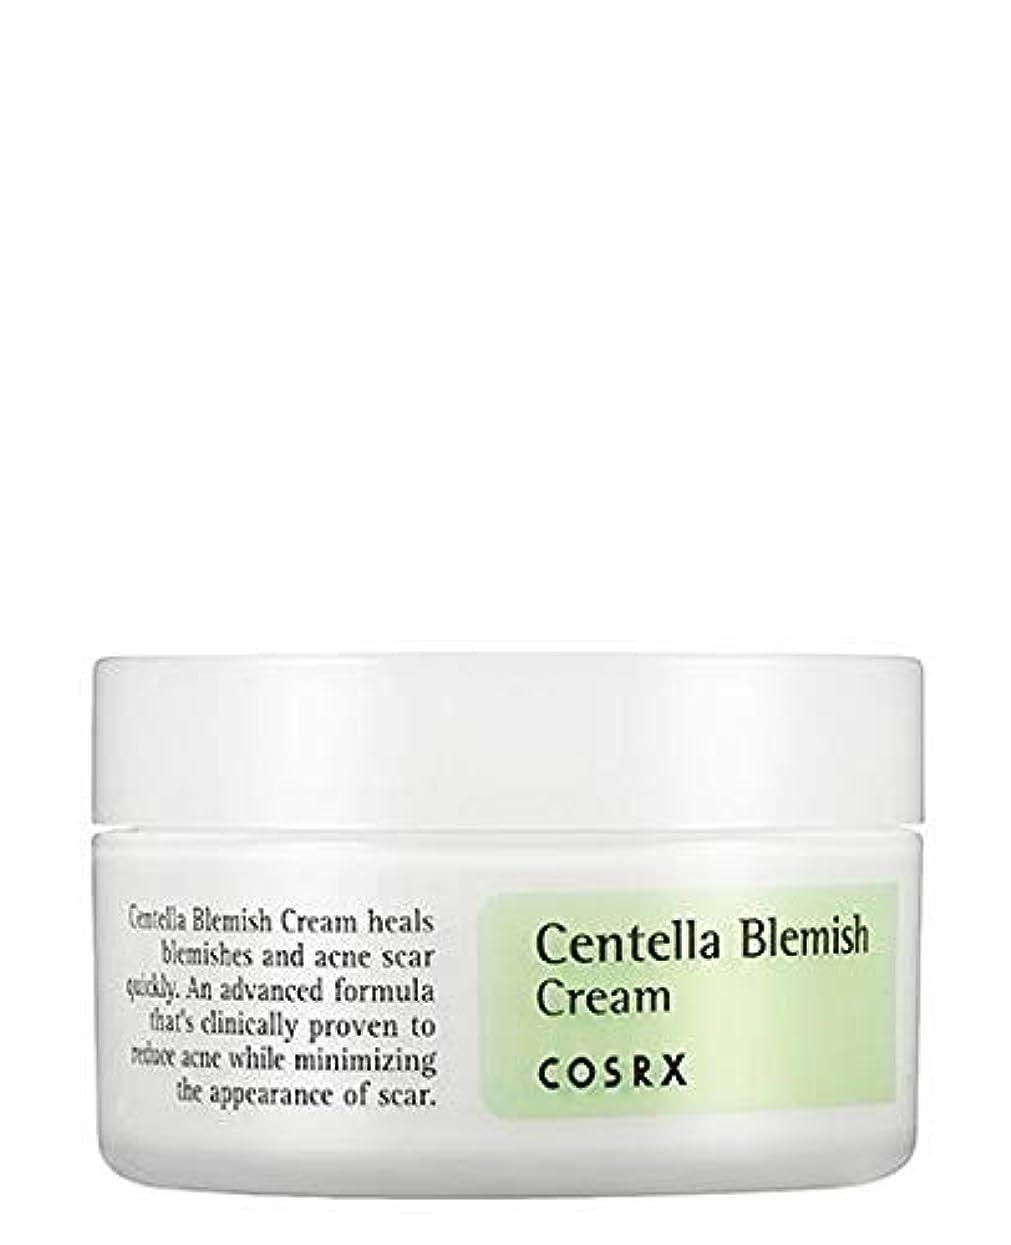 キャッシュ熱狂的な枕COSRX Centella Blemish Cream (並行輸入品)